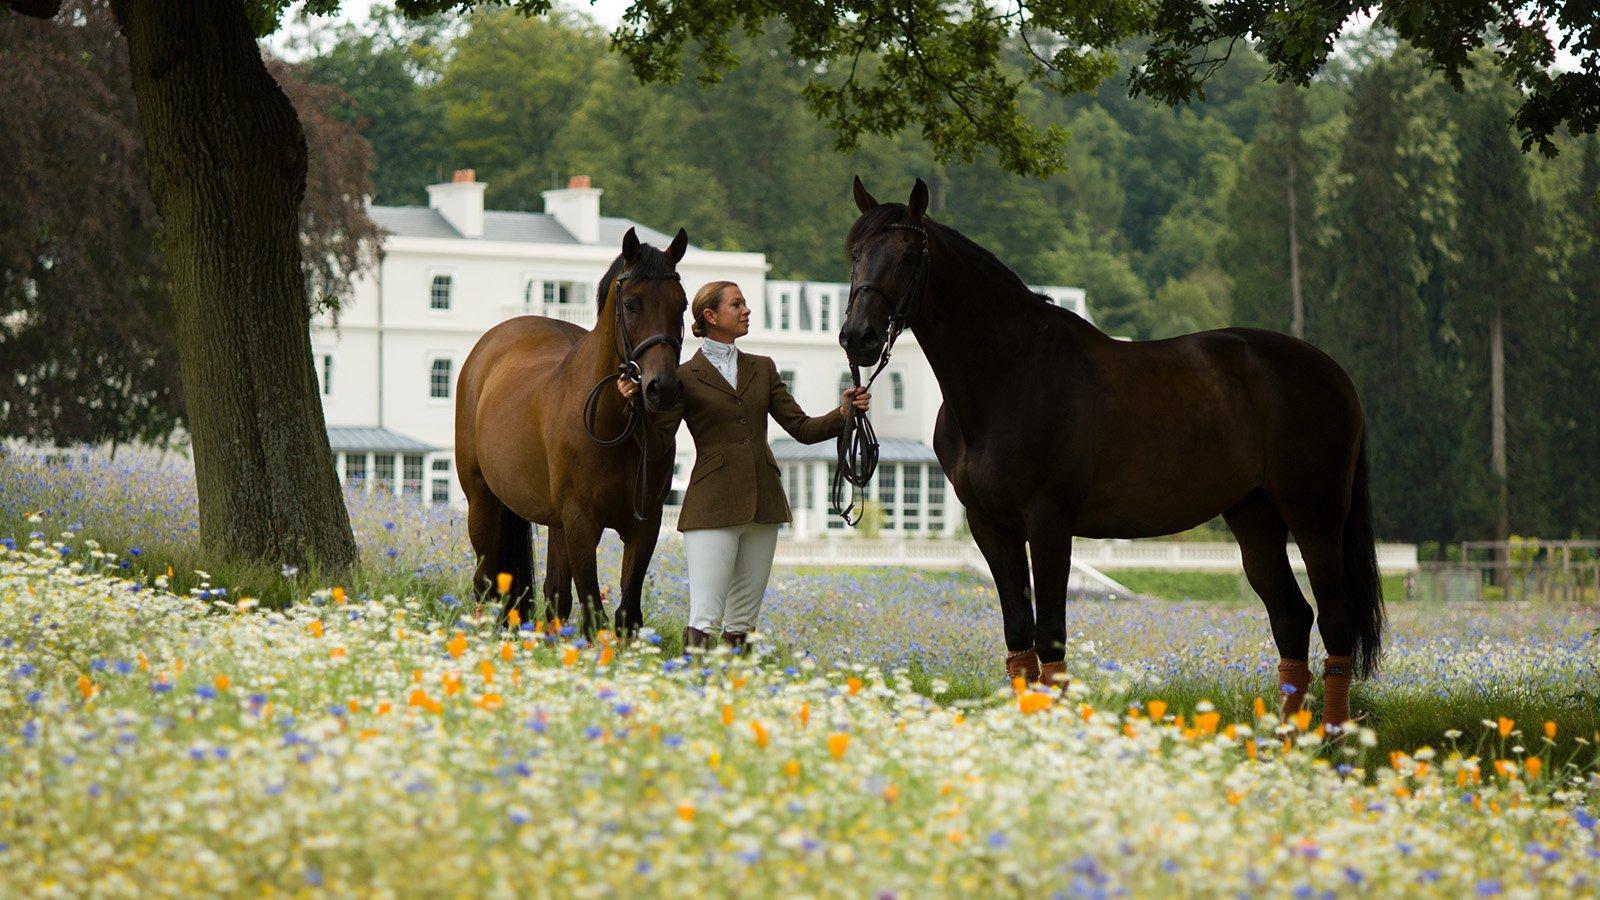 Coworth Park Equestrian Centre